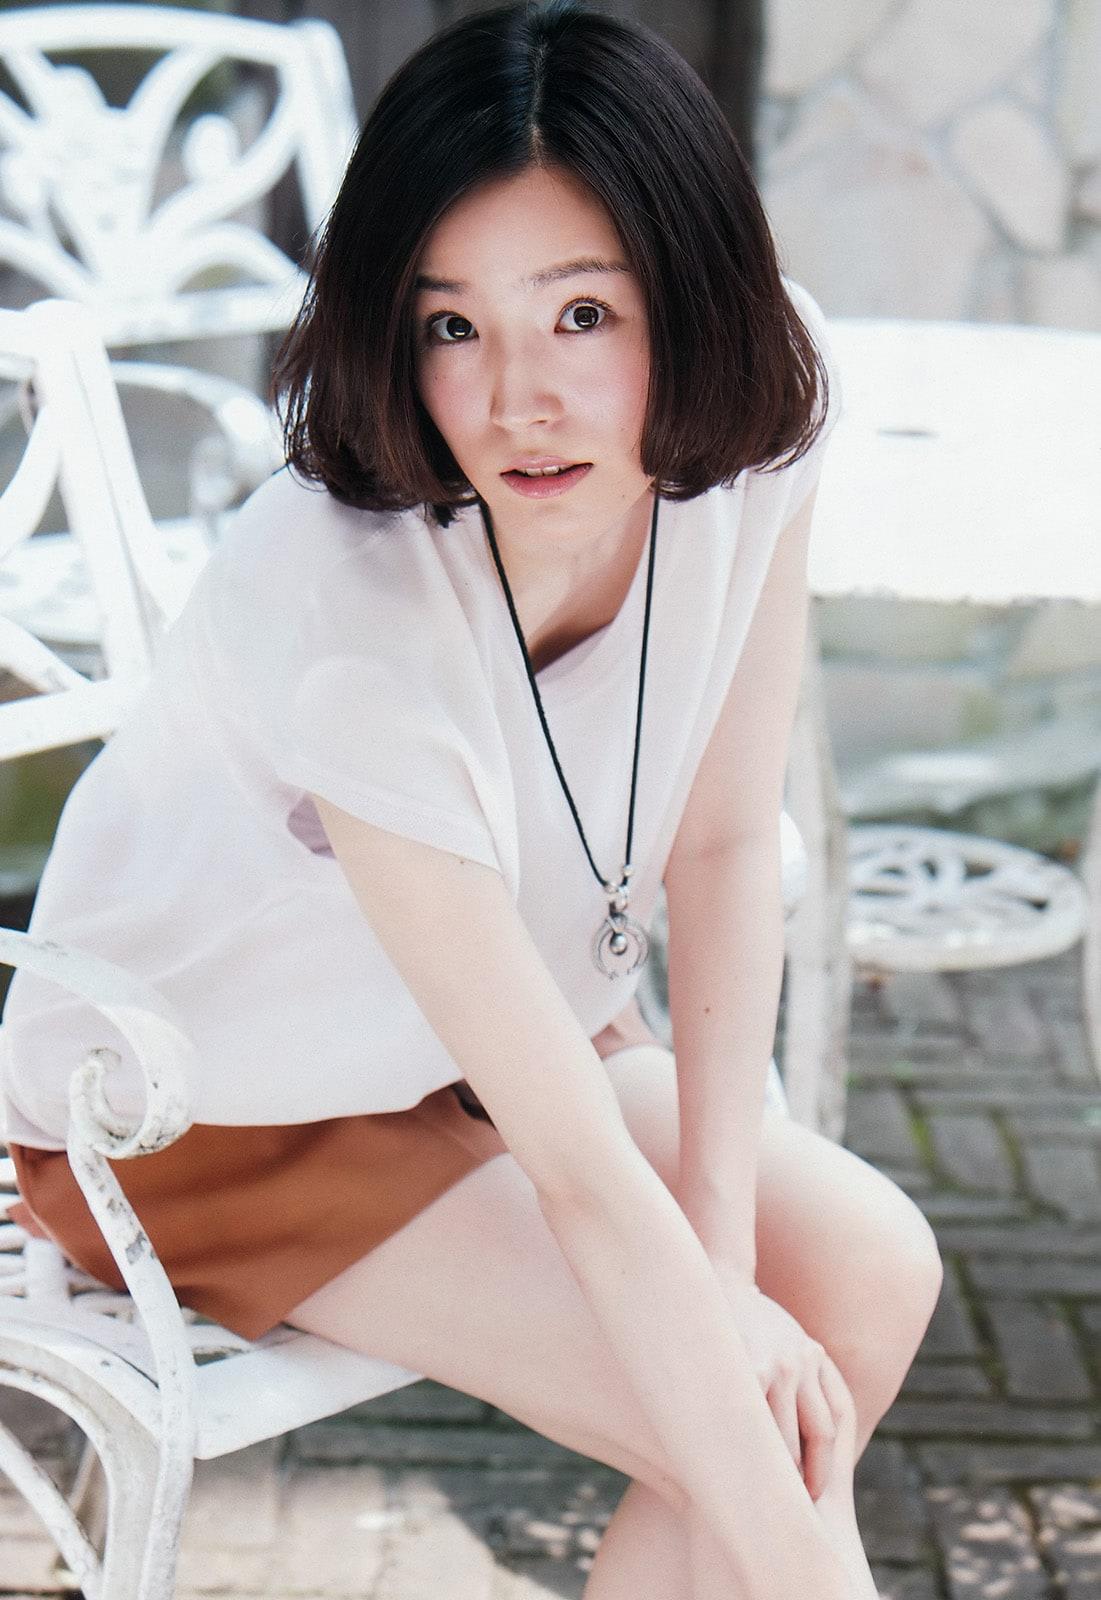 Undercover Agent Lizard - AsianWiki |Misako Renbutsu Q10